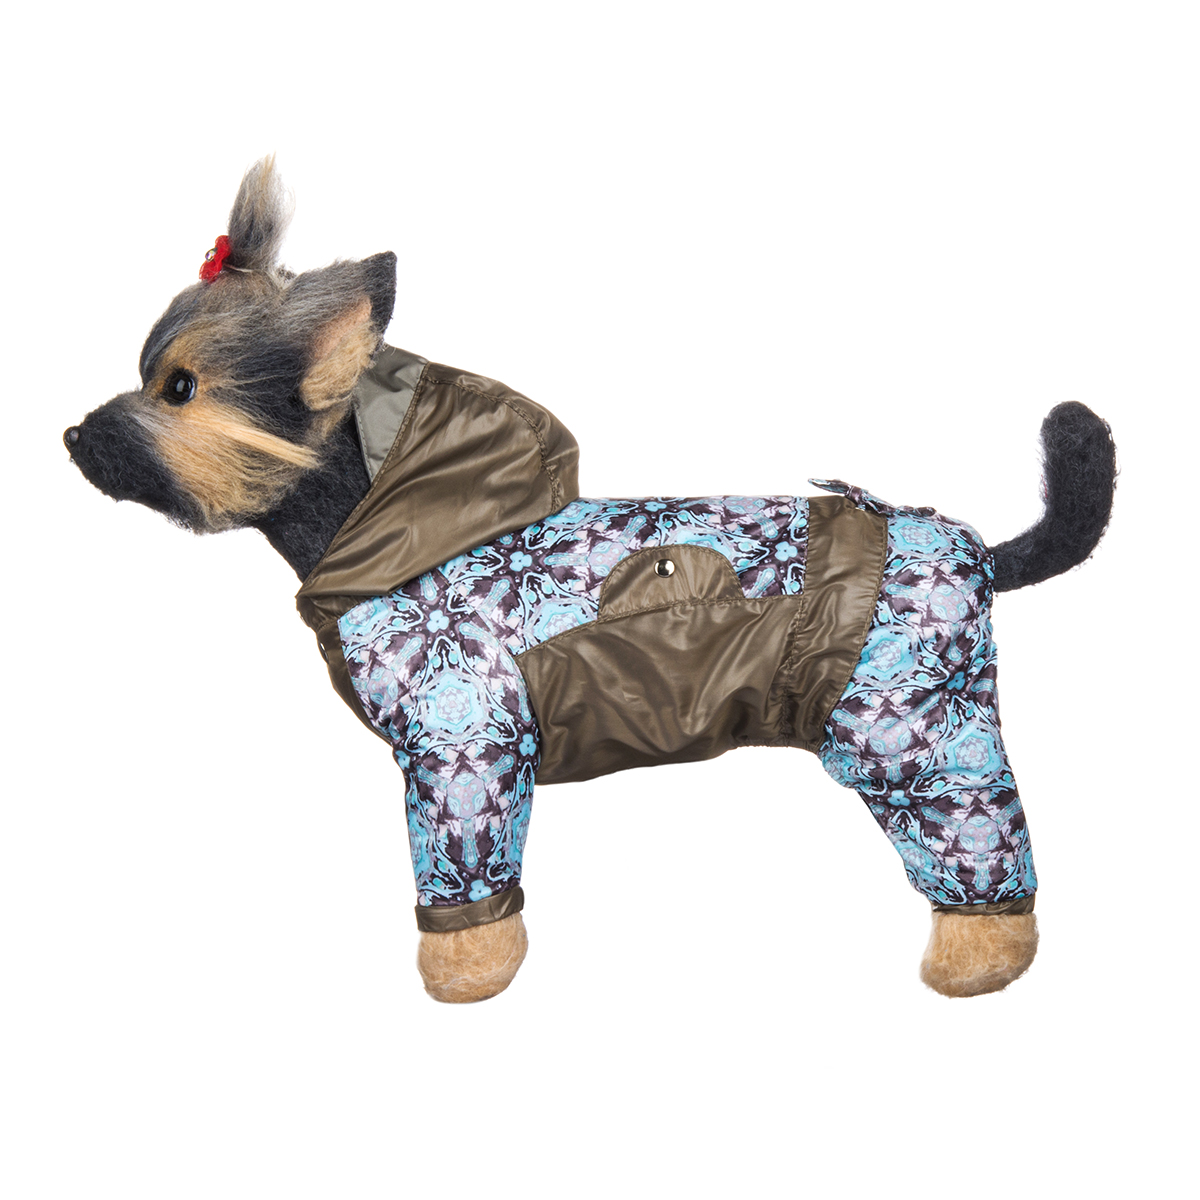 Комбинезон для собак Dogmoda Мартин, унисекс, цвет: мятный, коричневый. Размер 1 (S)DM-150038-1Комбинезон для собак Dogmoda Мартин отлично подойдет для прогулок поздней осенью или ранней весной.Комбинезон изготовлен из полиэстера, защищающего от ветра и осадков, с подкладкой из флиса, которая сохранит тепло и обеспечит отличный воздухообмен. Комбинезон с капюшоном застегивается на кнопки, благодаря чему его легко надевать и снимать. Капюшон оснащен козырьком и не отстегивается. Низ рукавов и брючин оснащен внутренними резинками, которые мягко обхватывают лапки, не позволяя просачиваться холодному воздуху. На пояснице комбинезон затягивается на шнурок-кулиску.Благодаря такому комбинезону простуда не грозит вашему питомцу и он не даст любимцу продрогнуть на прогулке.Одежда для собак: нужна ли она и как её выбрать. Статья OZON Гид